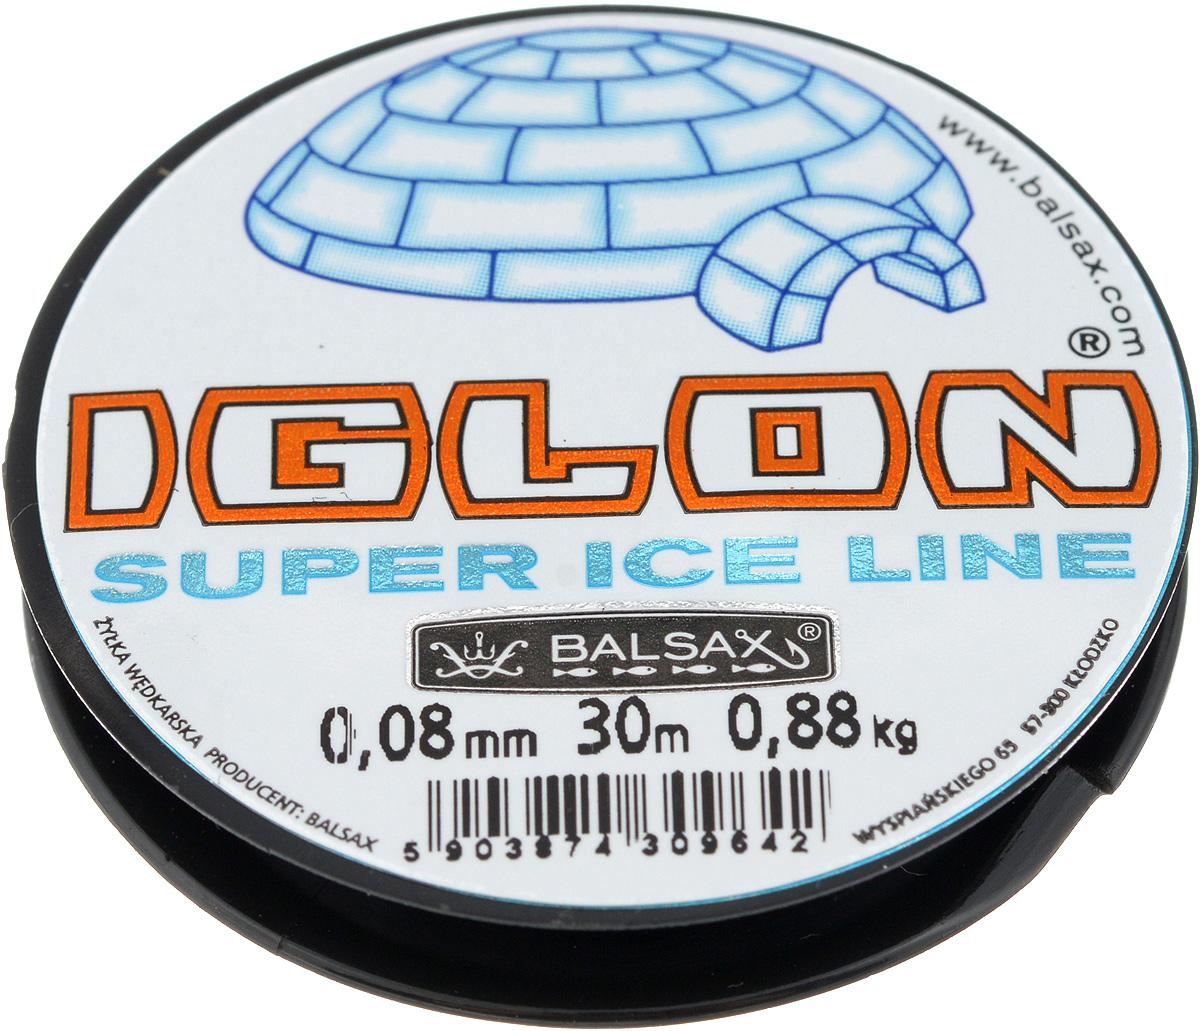 Леска зимняя Balsax Iglon, 30 м, 0,08 мм, 0,88 кг312-06008Леска Balsax Iglon изготовлена из 100% нейлона и очень хорошо выдерживаетнизкие температуры. Даже в самом холодном климате, при температуре вплотьдо -40°C, она сохраняет свои свойствапрактически без изменений, в то время как традиционные лески становятся менееэластичными и теряют прочность. Поверхность лески обработана таким образом, что она не обмерзает и отличноподходит для подледного лова. Прочна вместах вязки узлов даже при минимальном диаметре.